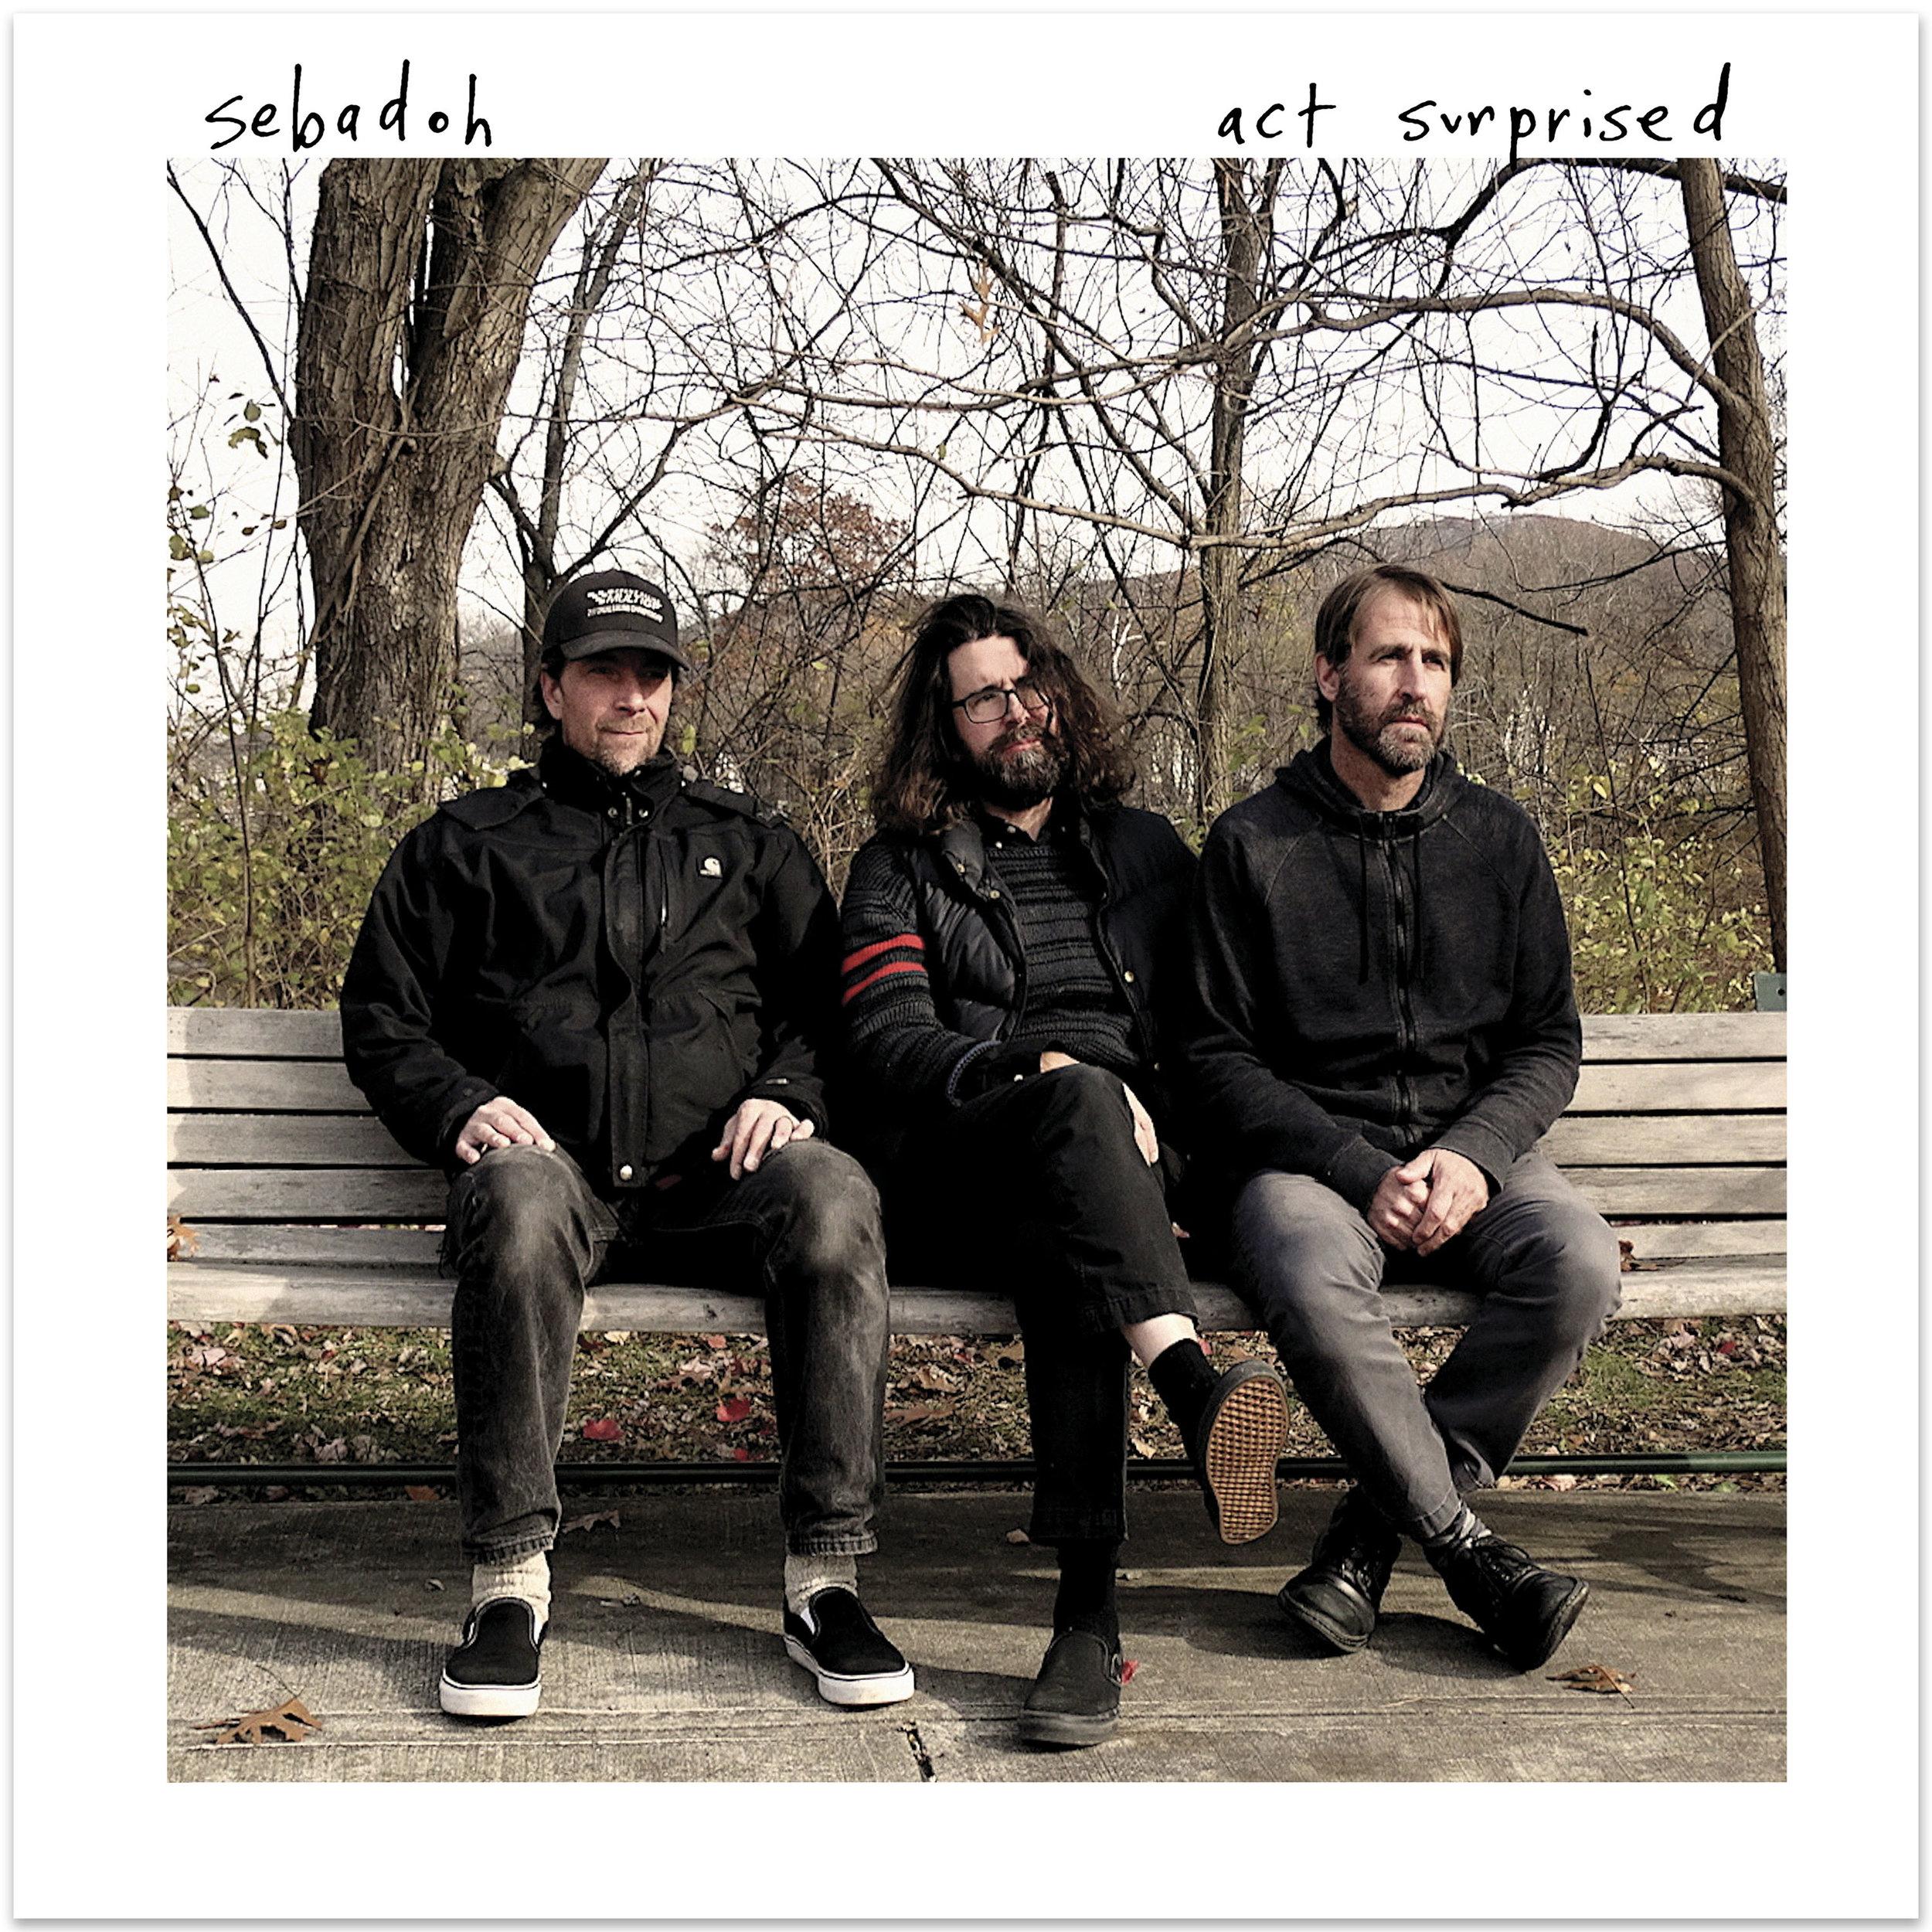 Sebadoh_Act Surprised_Album Cover.jpg